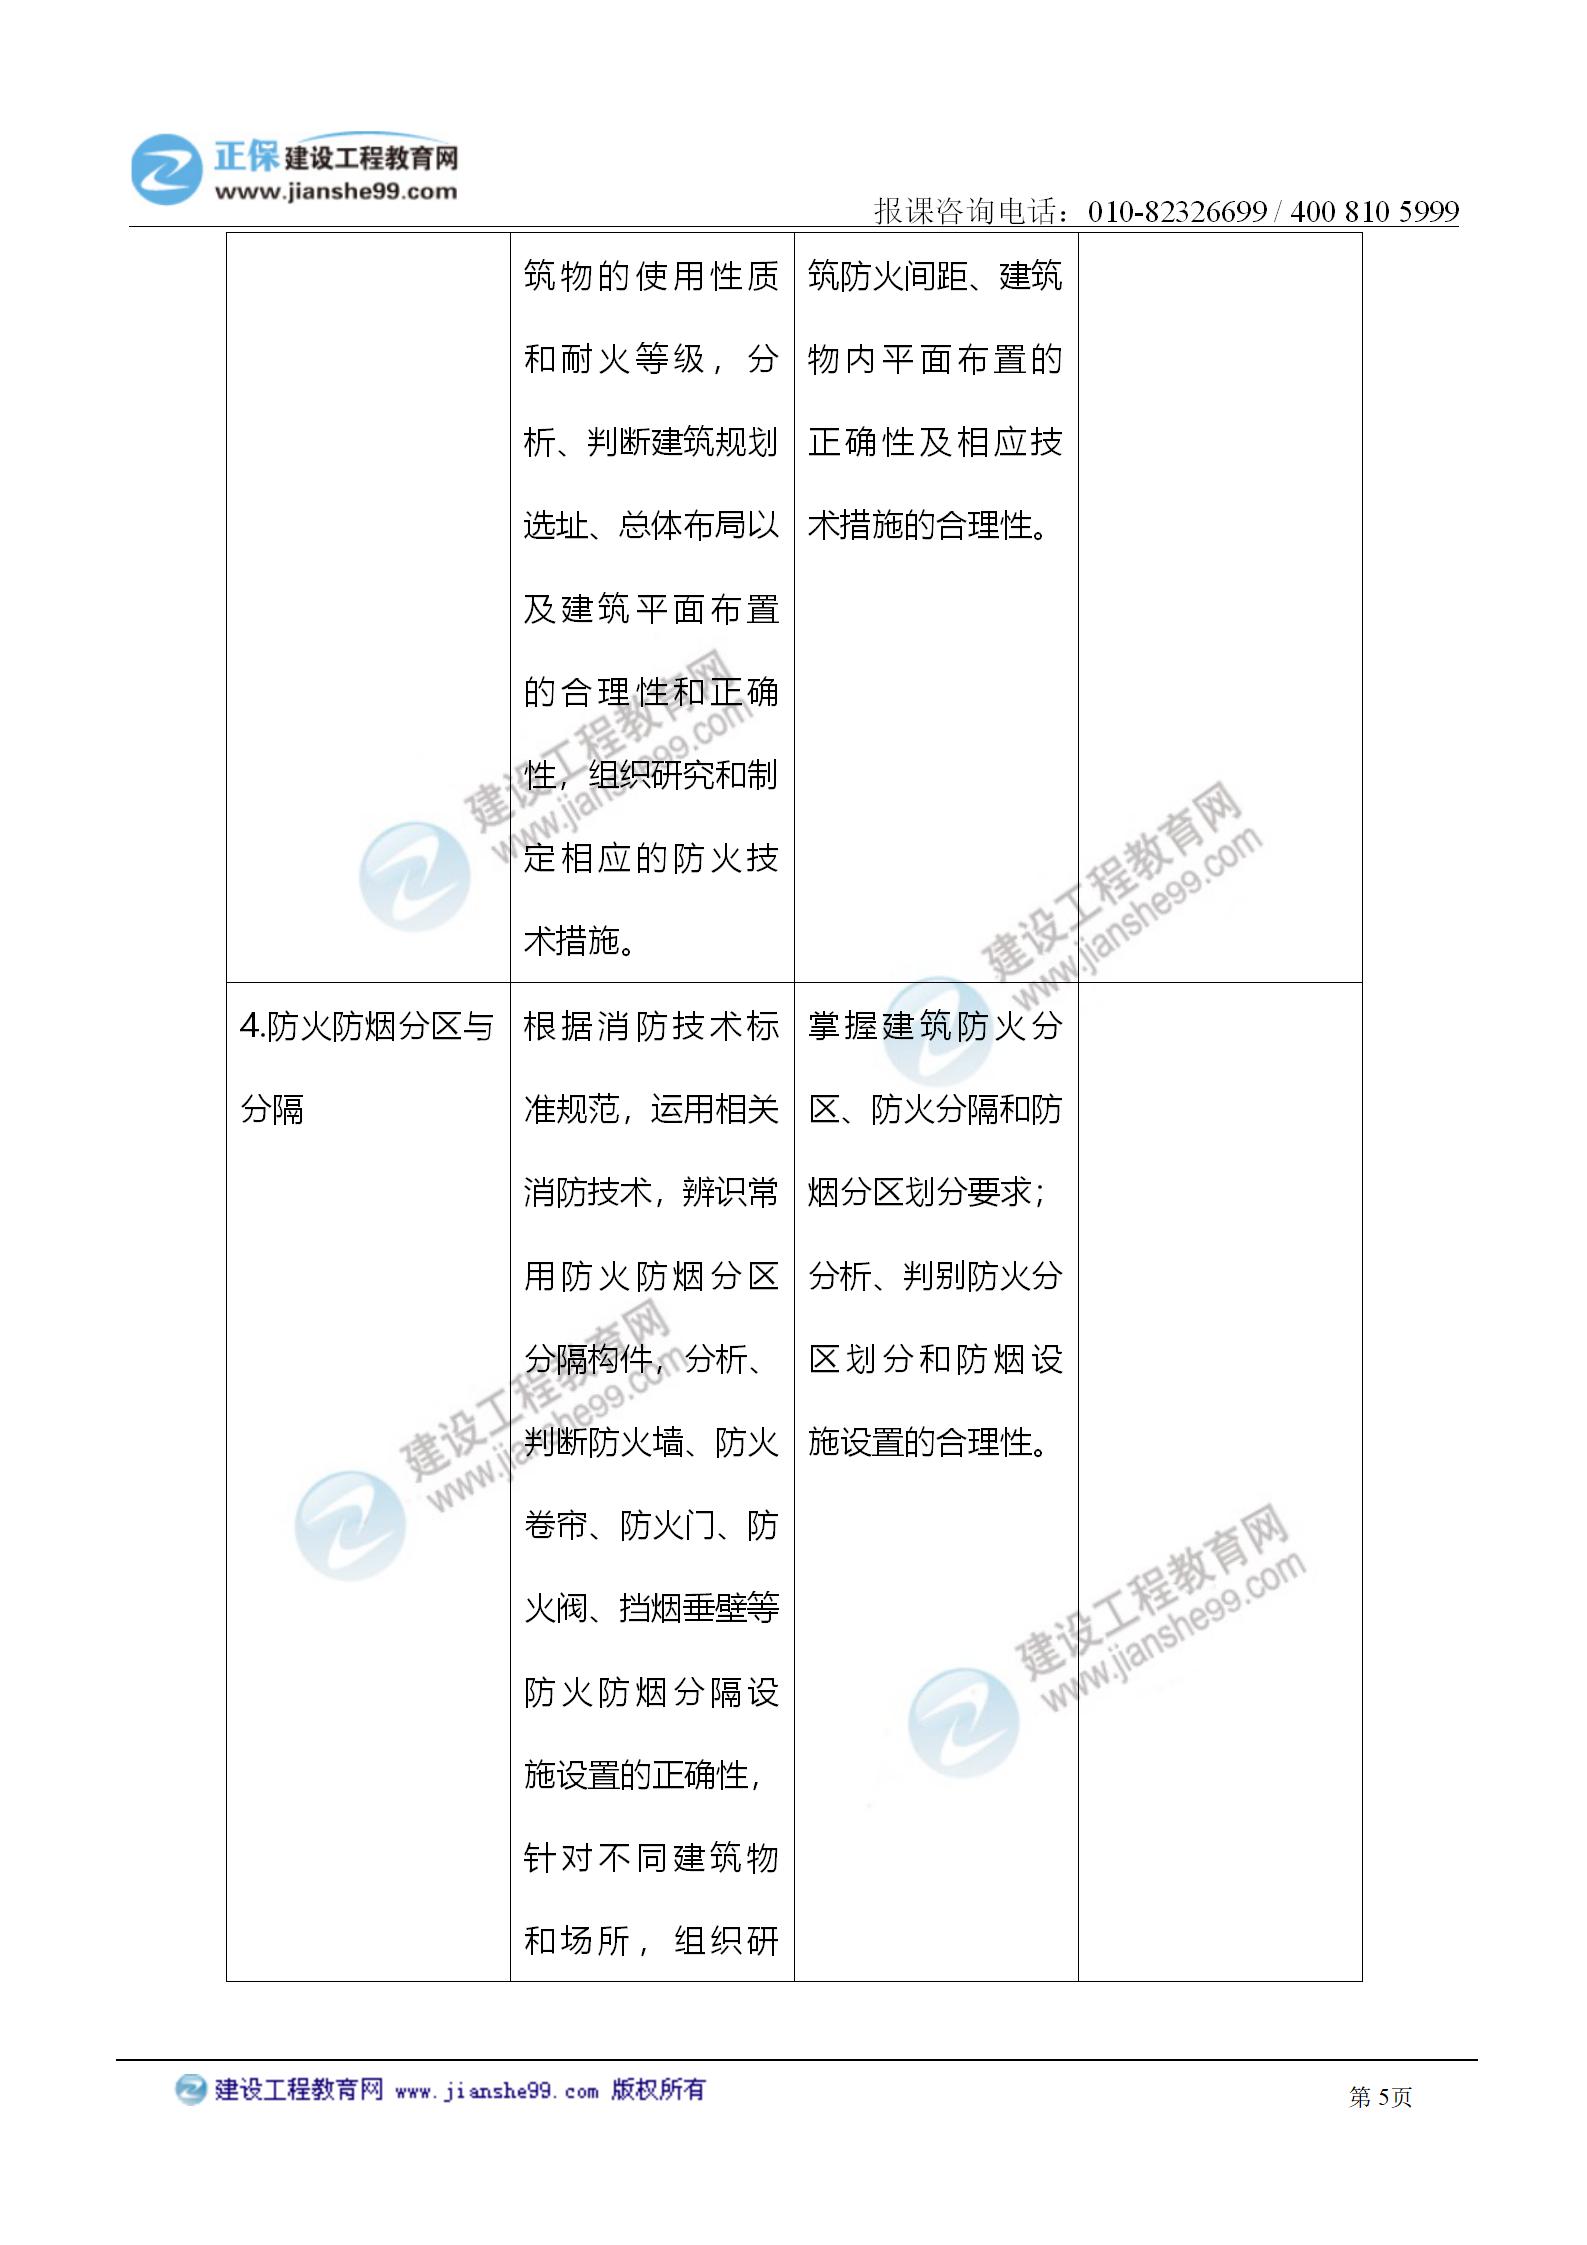 2021注册消防工程师《技术实务》考试大纲变化情况_05